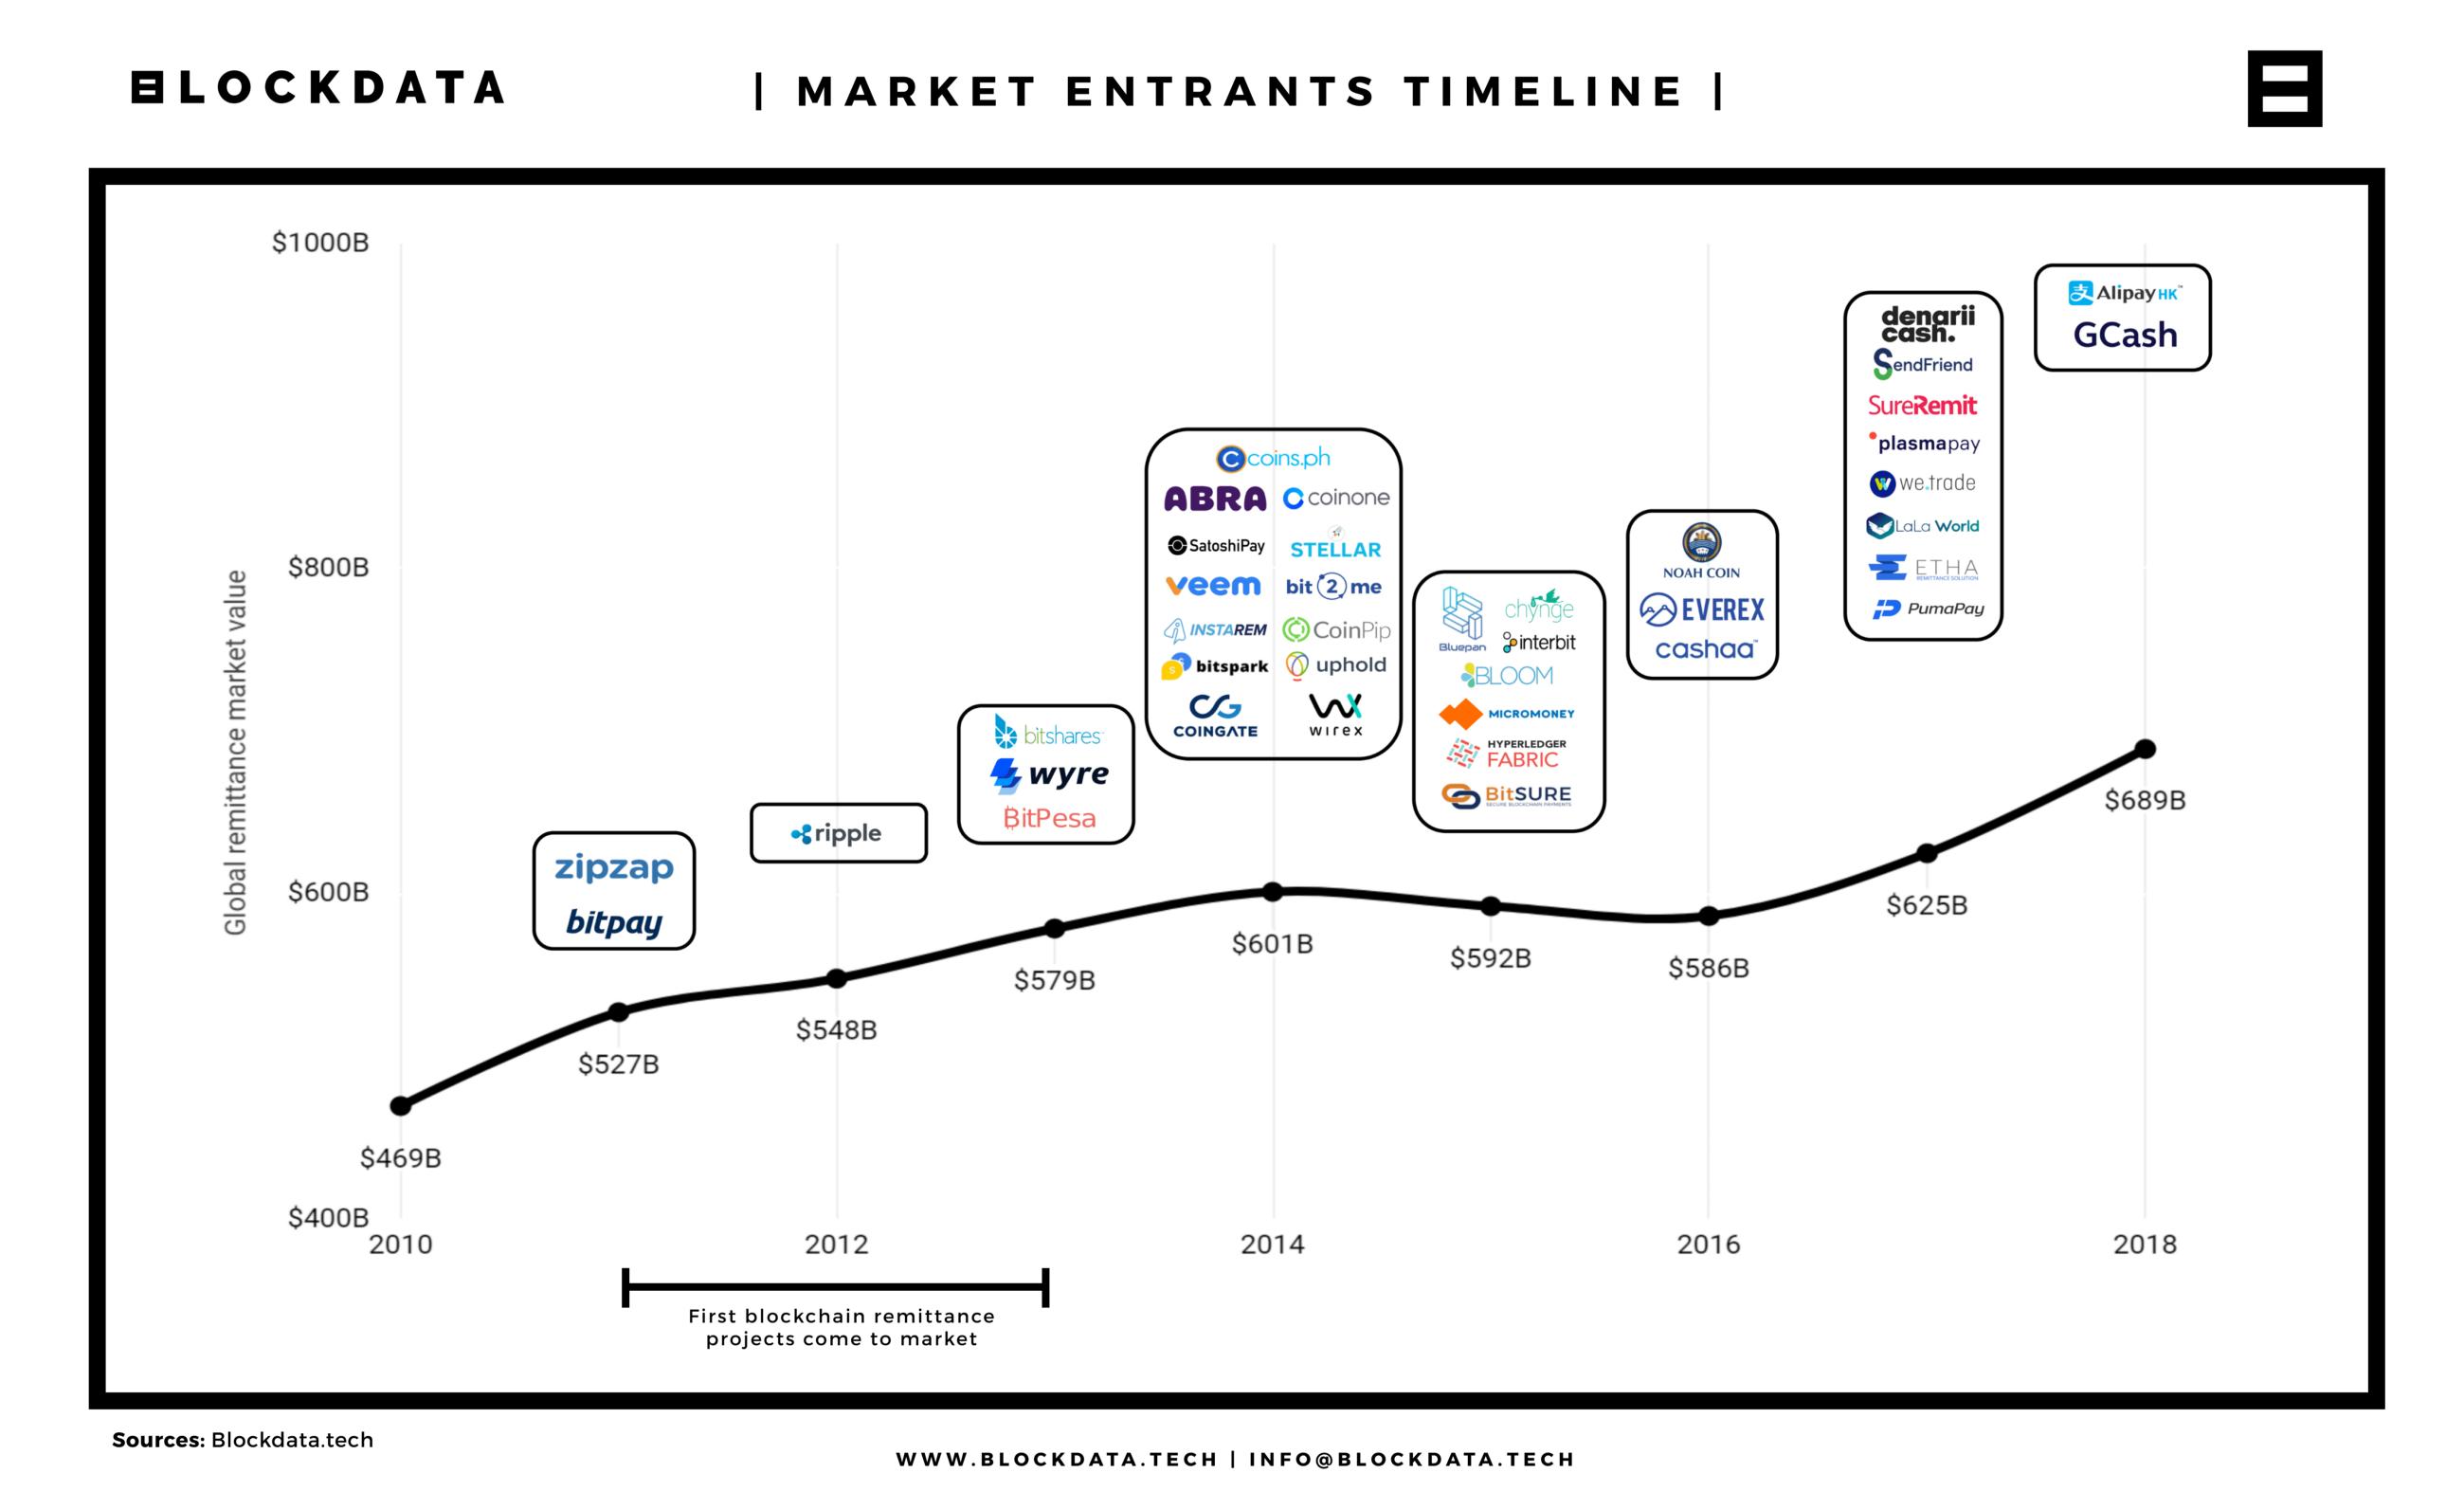 Şirketlerin pazara girmeleri için zaman çizelgesi